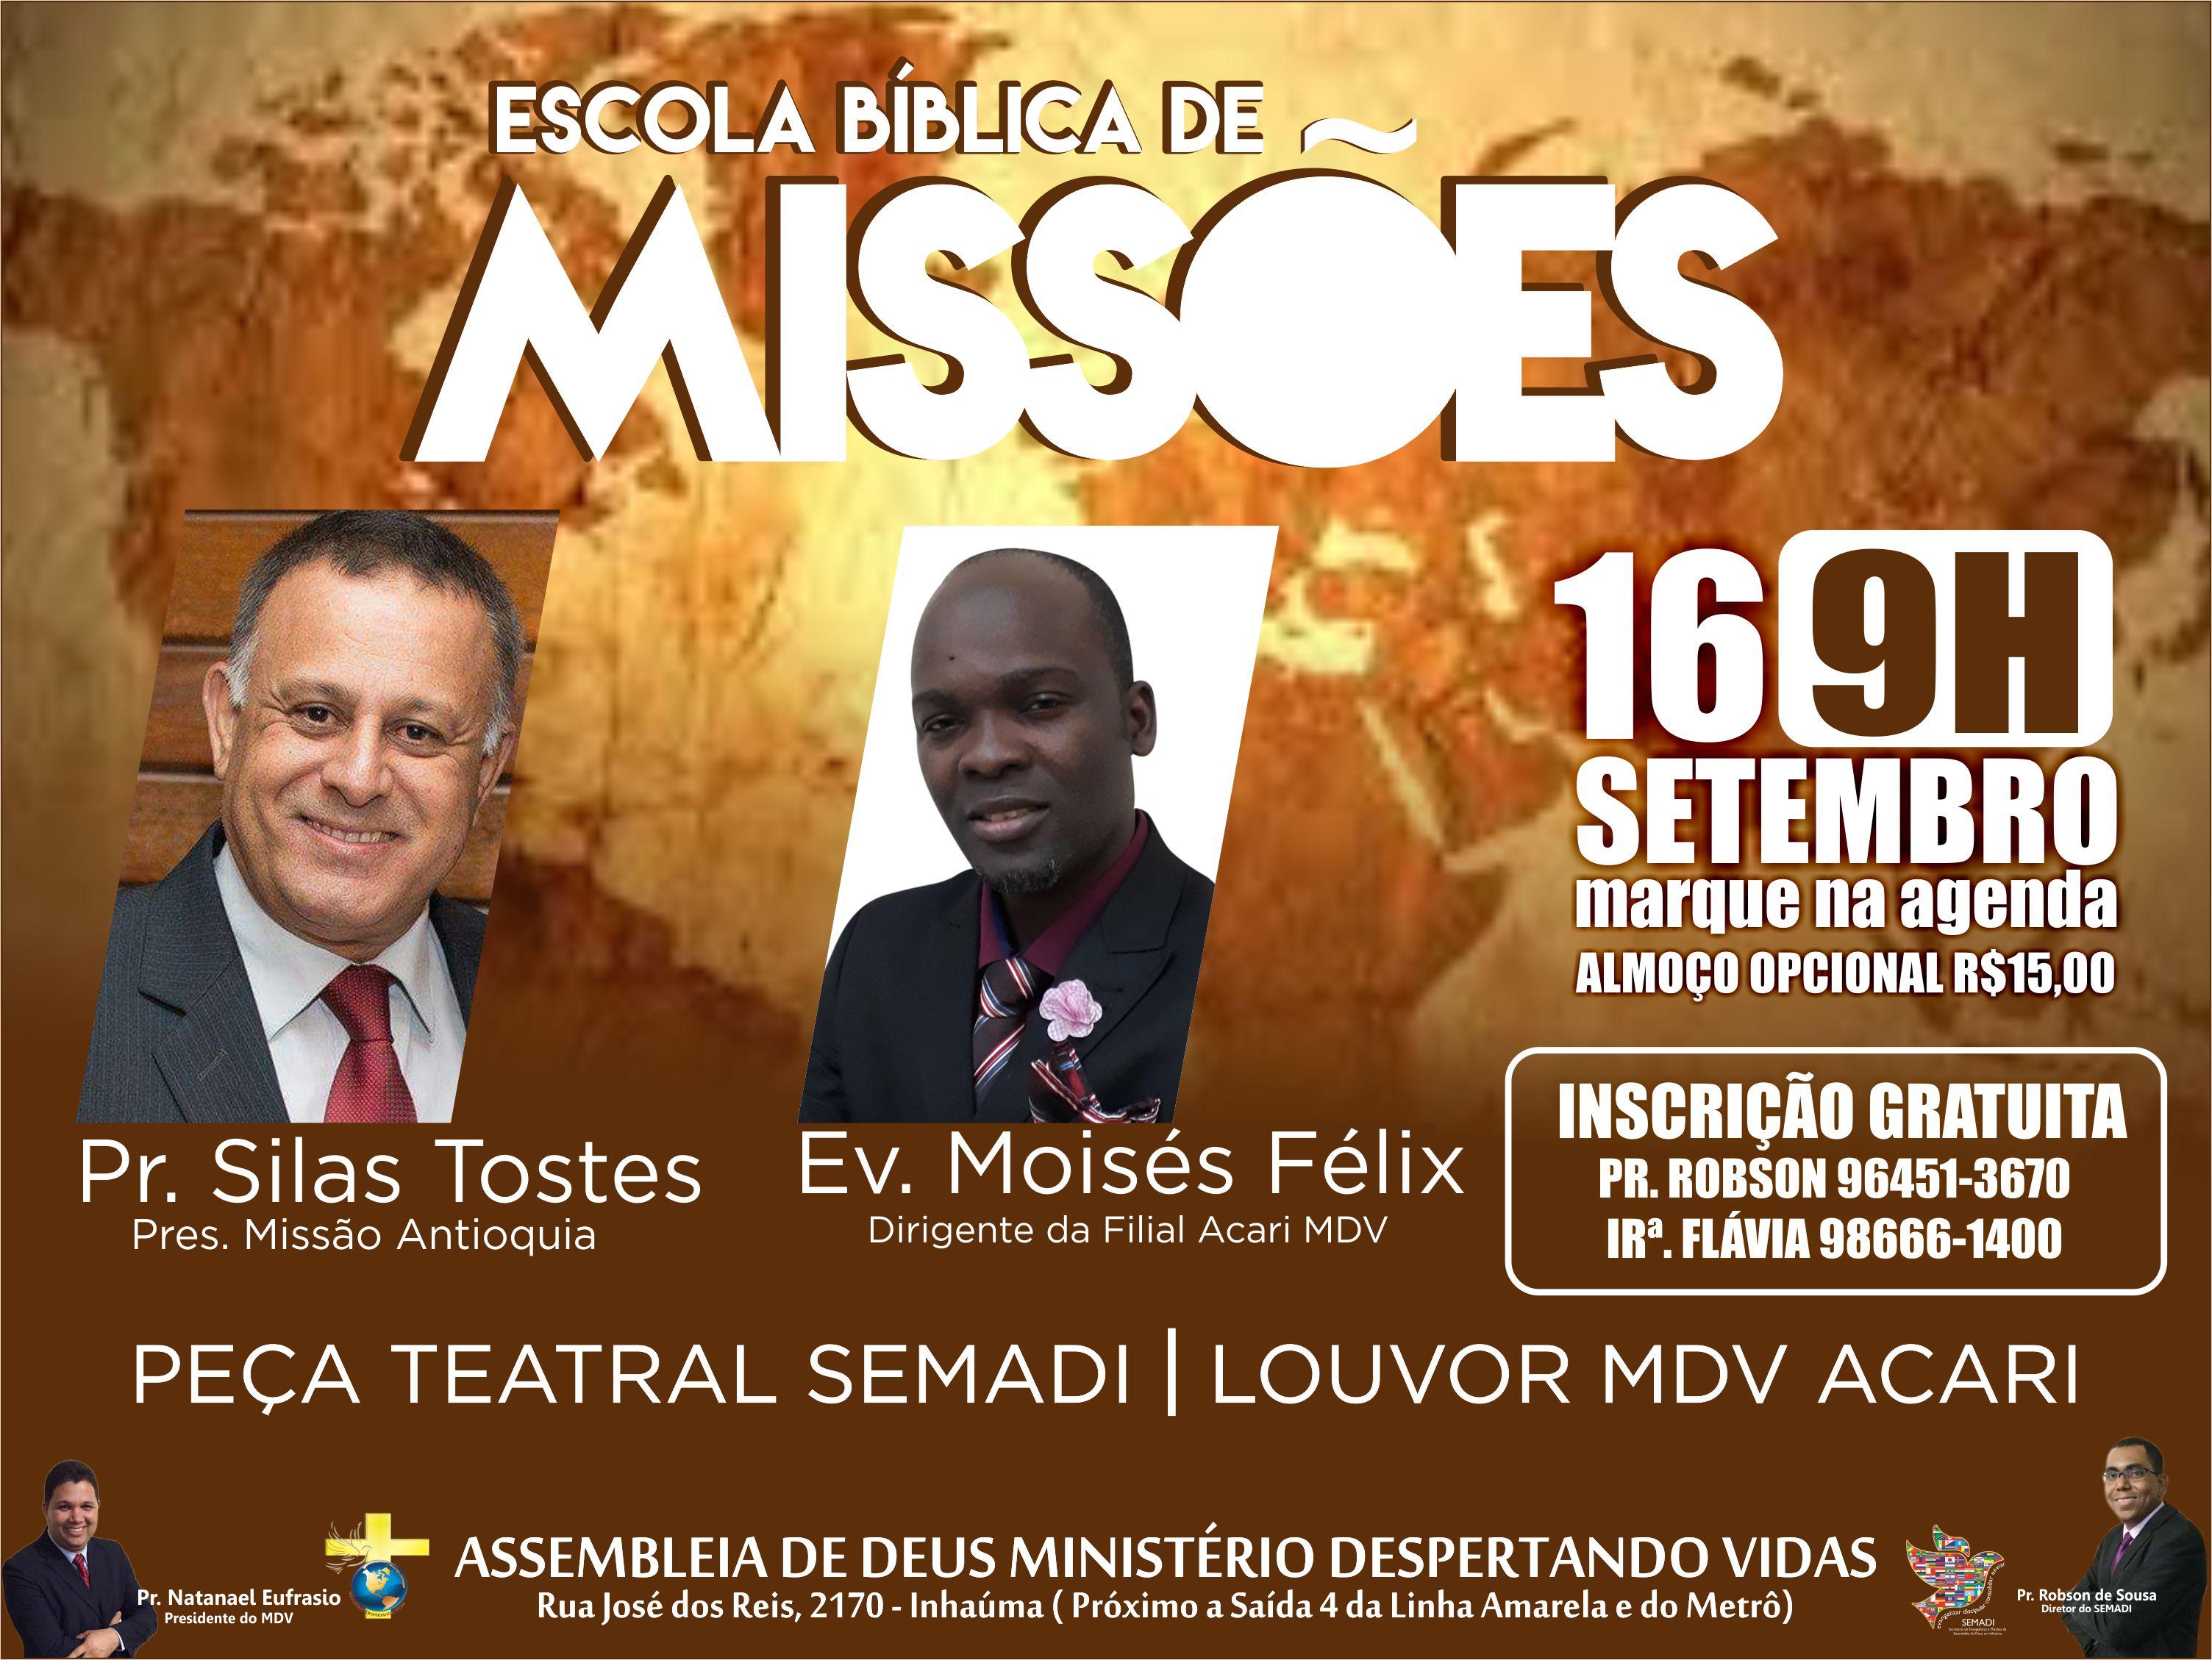 Escola de Missões